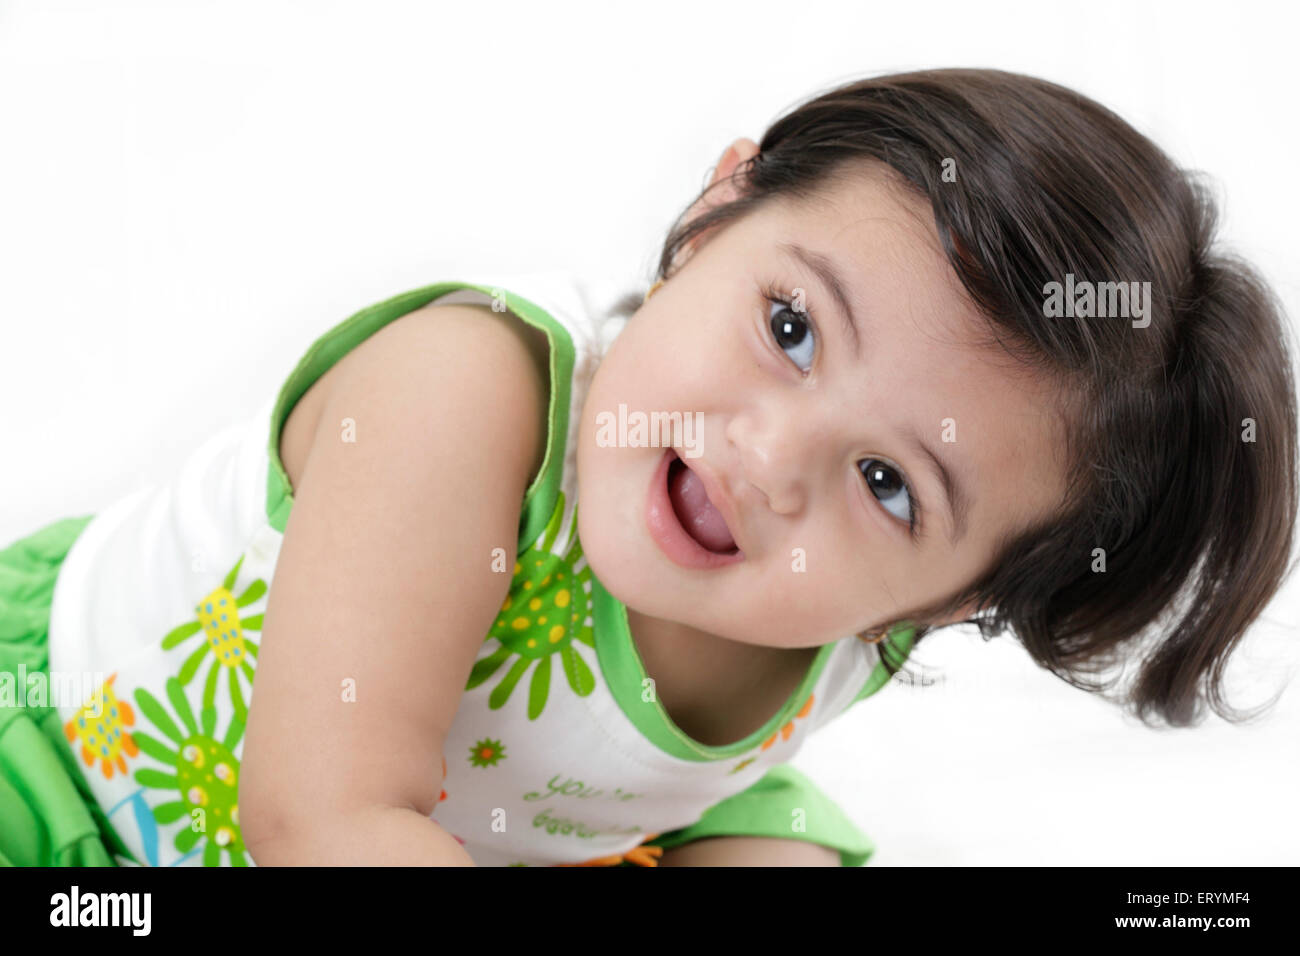 Quince meses de edad chica inclinándose MR#743S Imagen De Stock